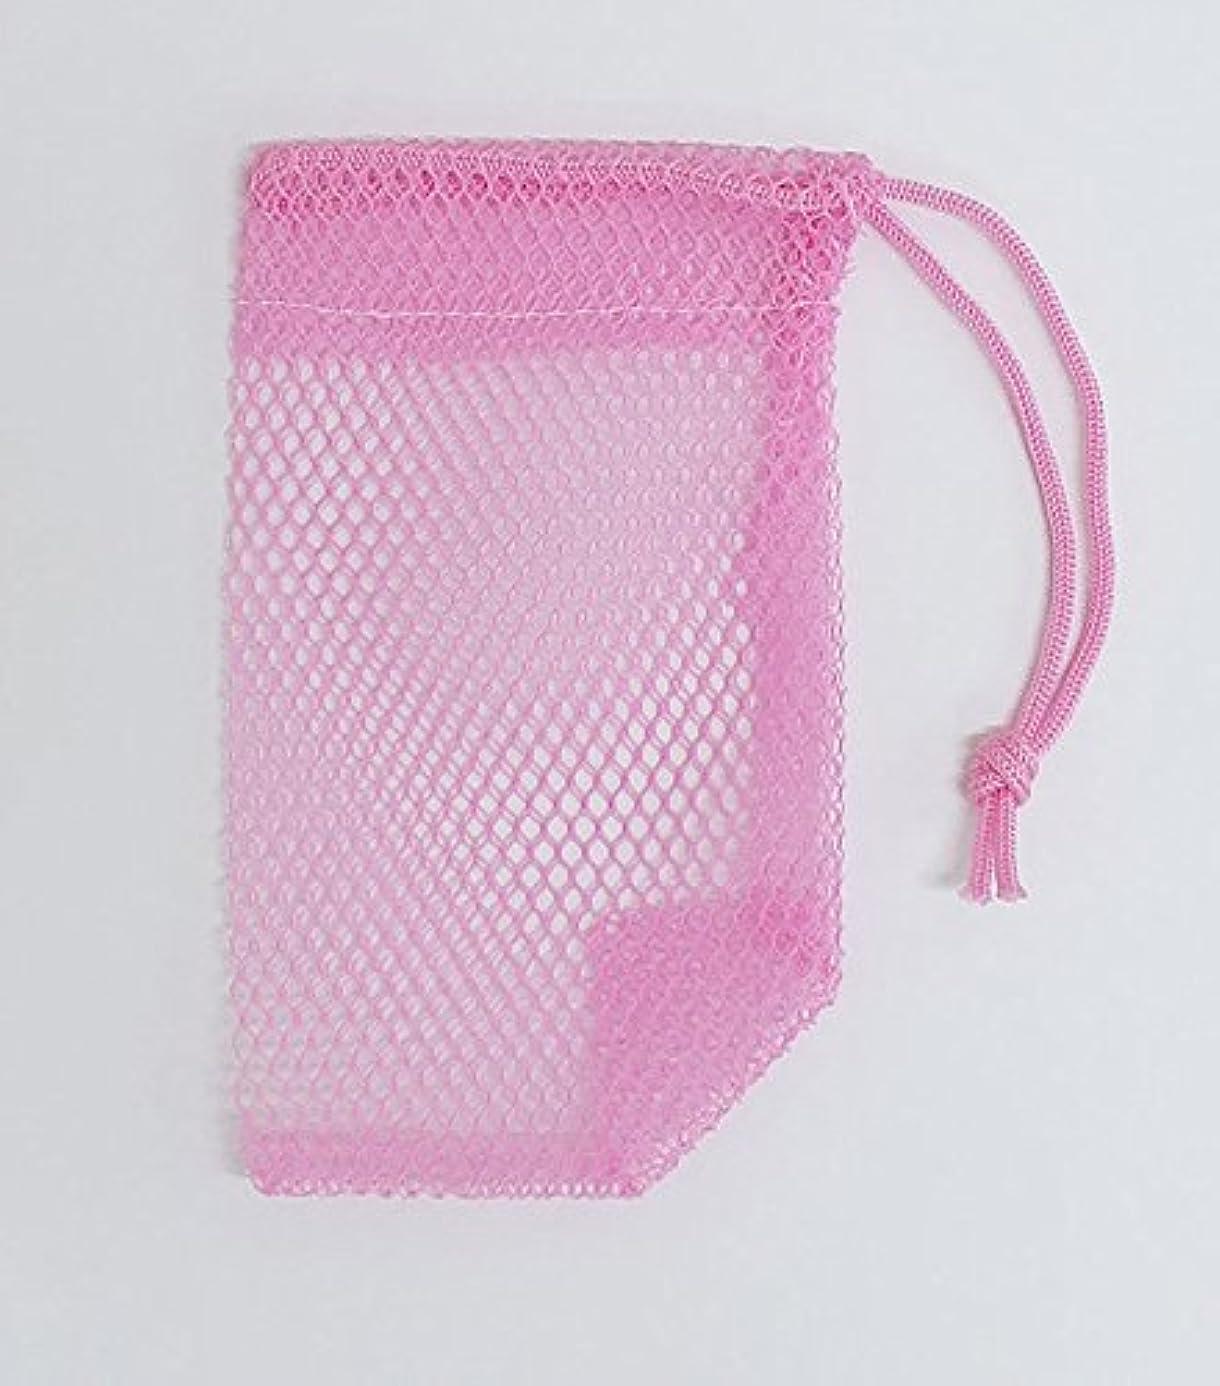 悪因子ダーツ偽装する石けんネット ひもタイプ 20枚組  ピンク